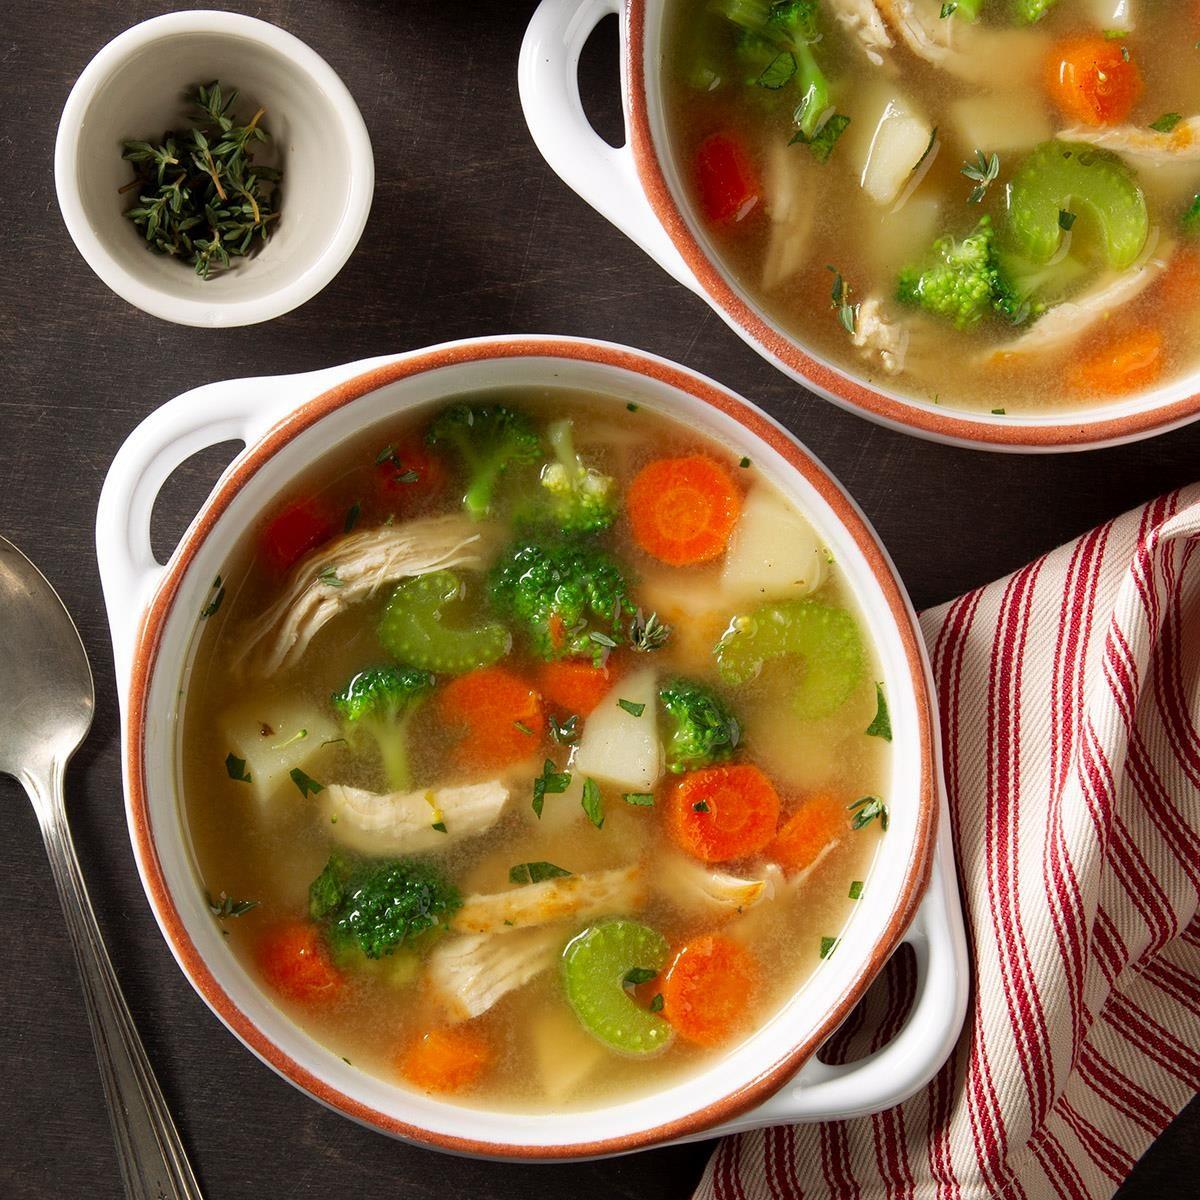 Pressure Cooker Loaded Chicken Veggie Soup Exps Ft20 191181 F 0124 1 7